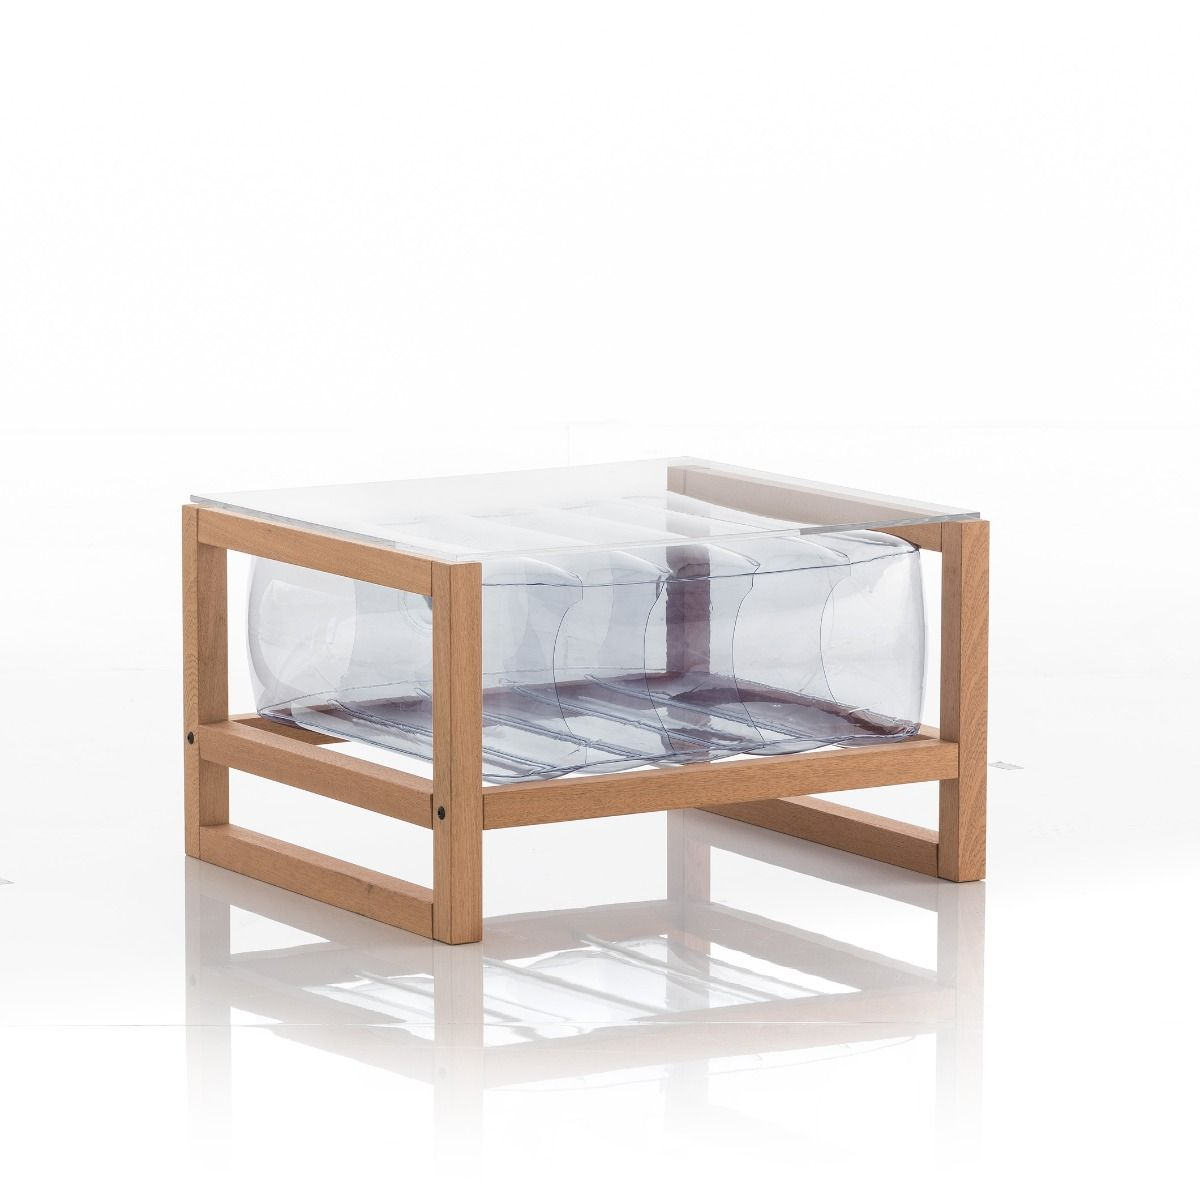 Table basse en bois et tpu transparent